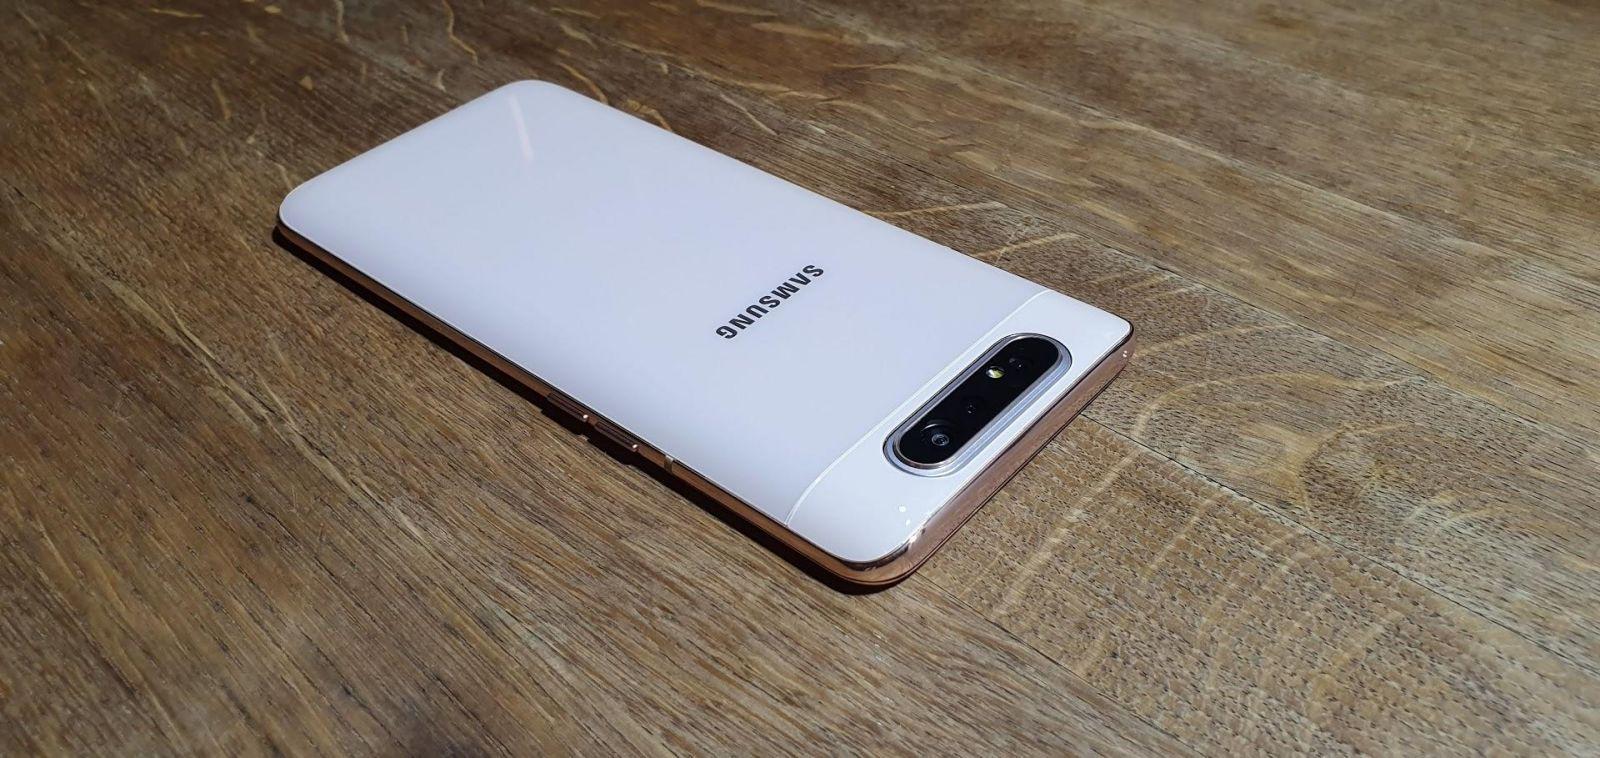 Samsung выпустил Galaxy A80 с вращающейся камерой (20190410 160641)